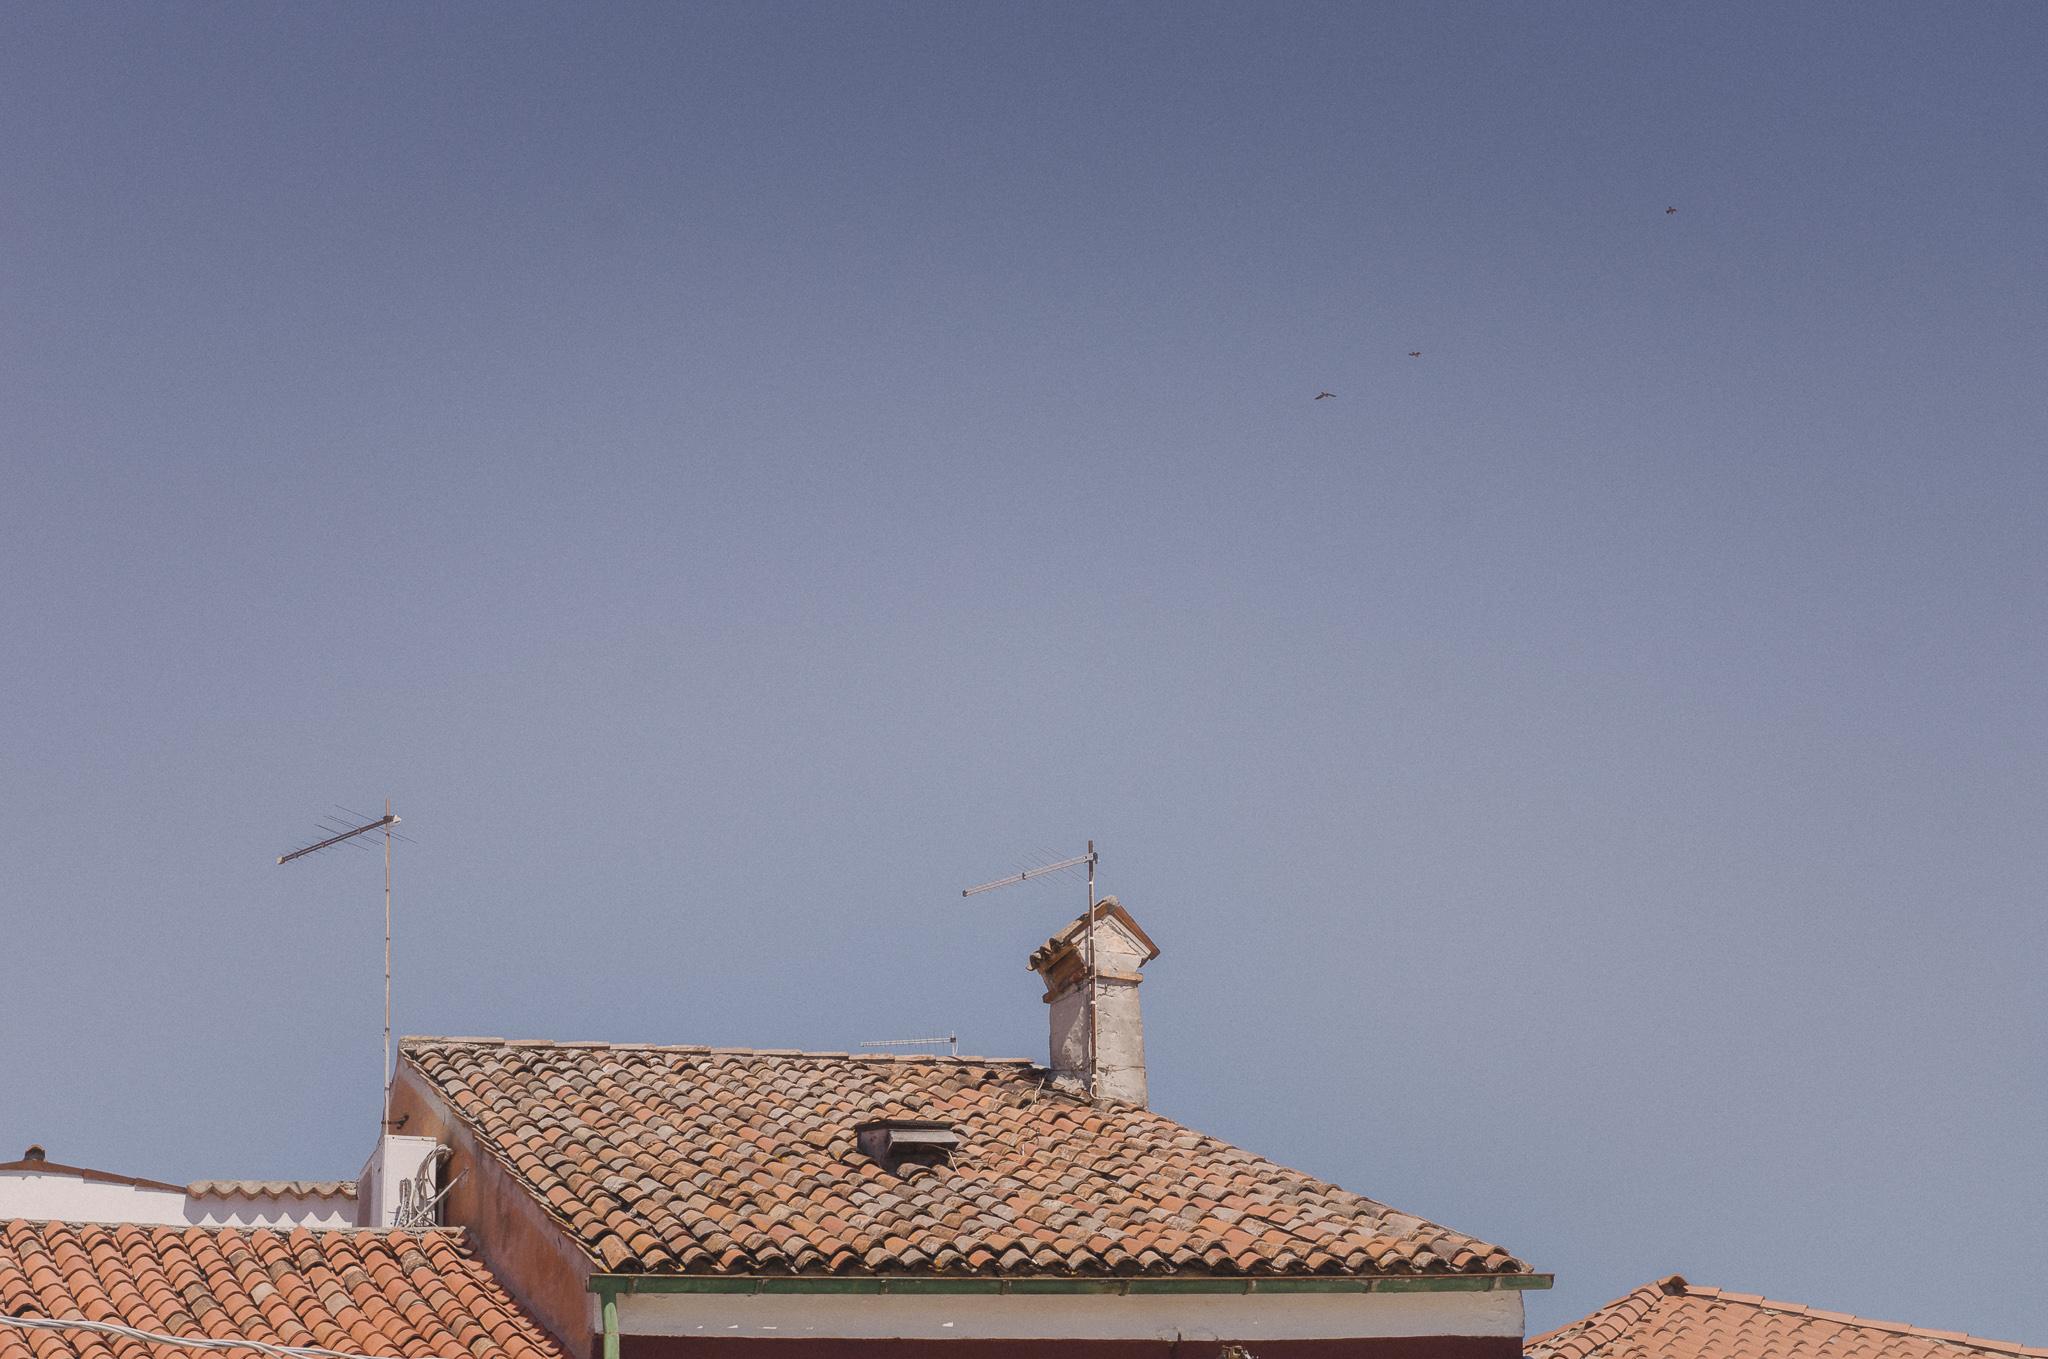 Venice-Burano-Italy-18.jpg